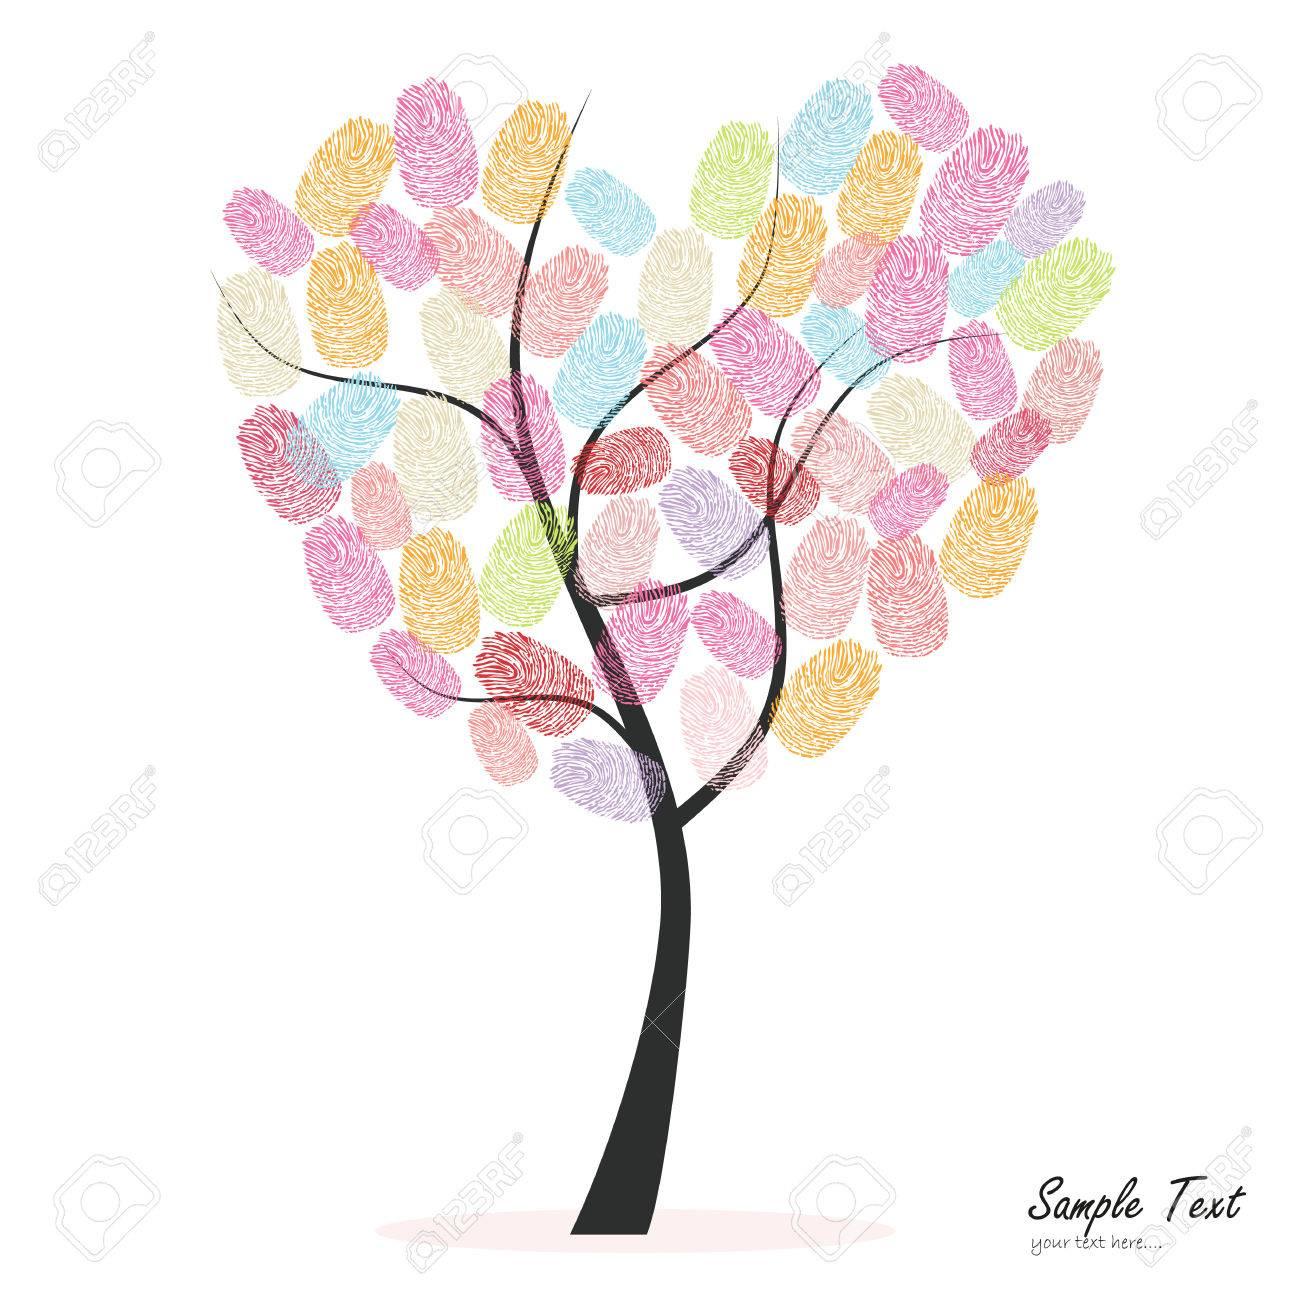 Herz Baum Mit Bunten Fingerabdrucken Lizenzfrei Nutzbare